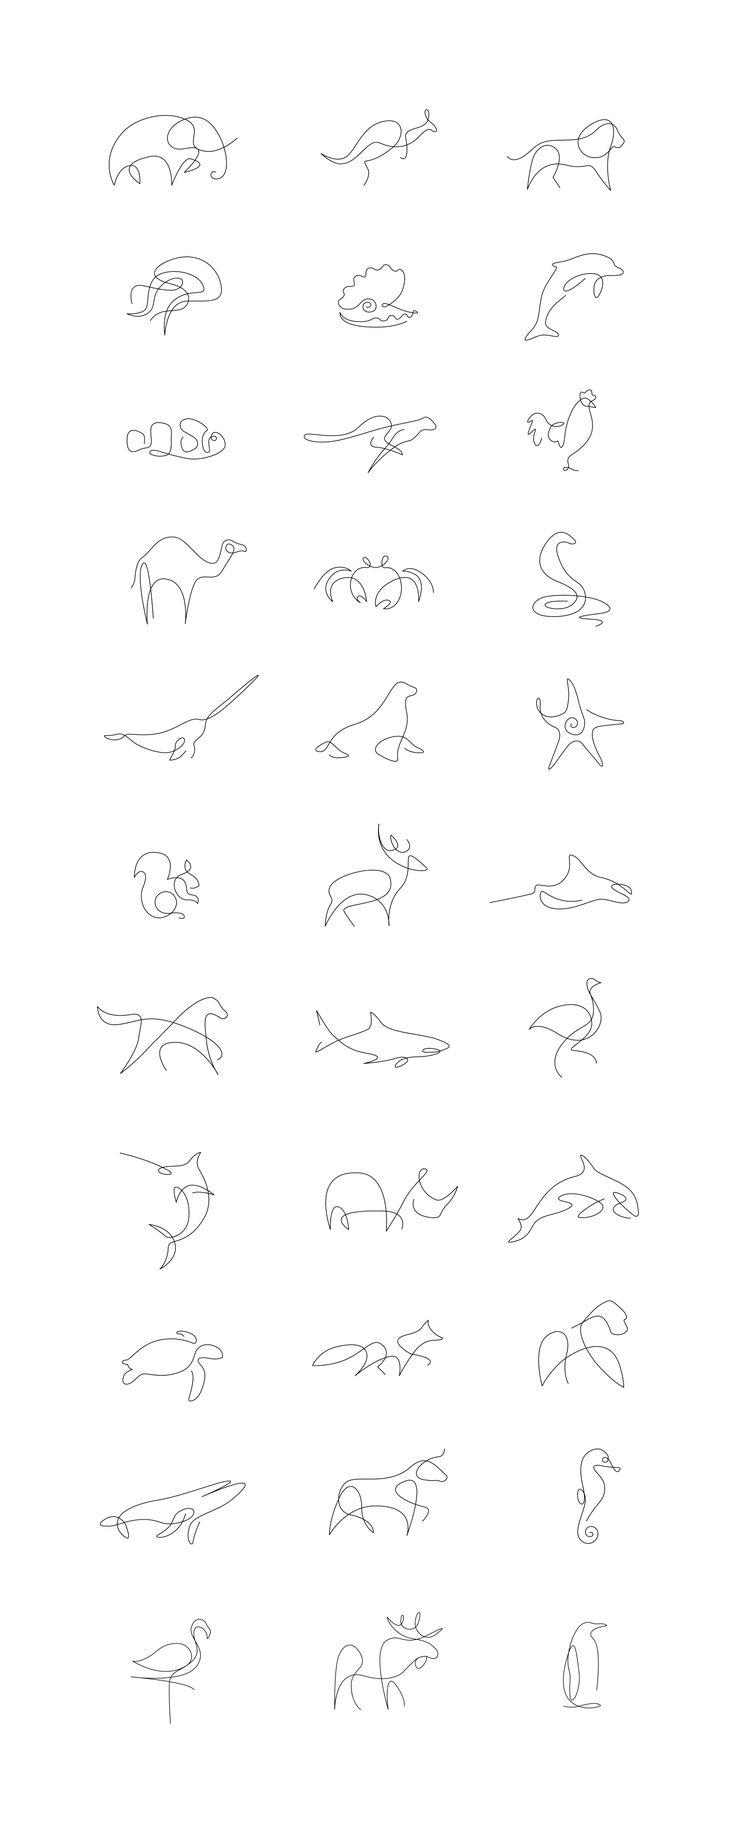 拿手絕活:一筆劃differantly圖形插畫工作室